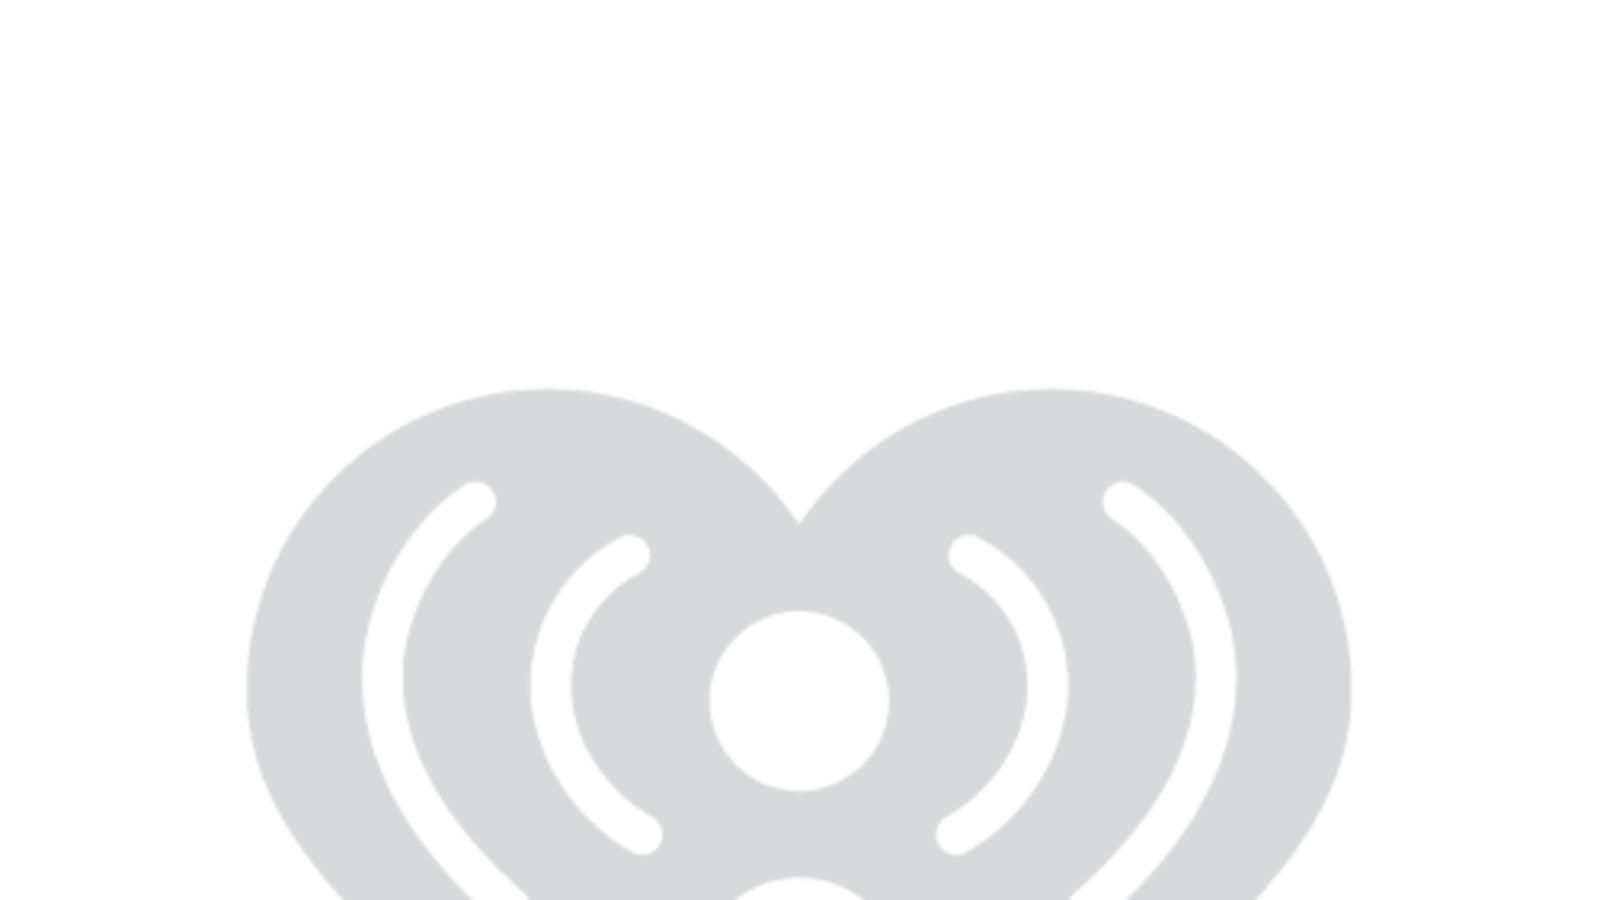 [SPONSORED] Lime Rock Park Historic Festival 39